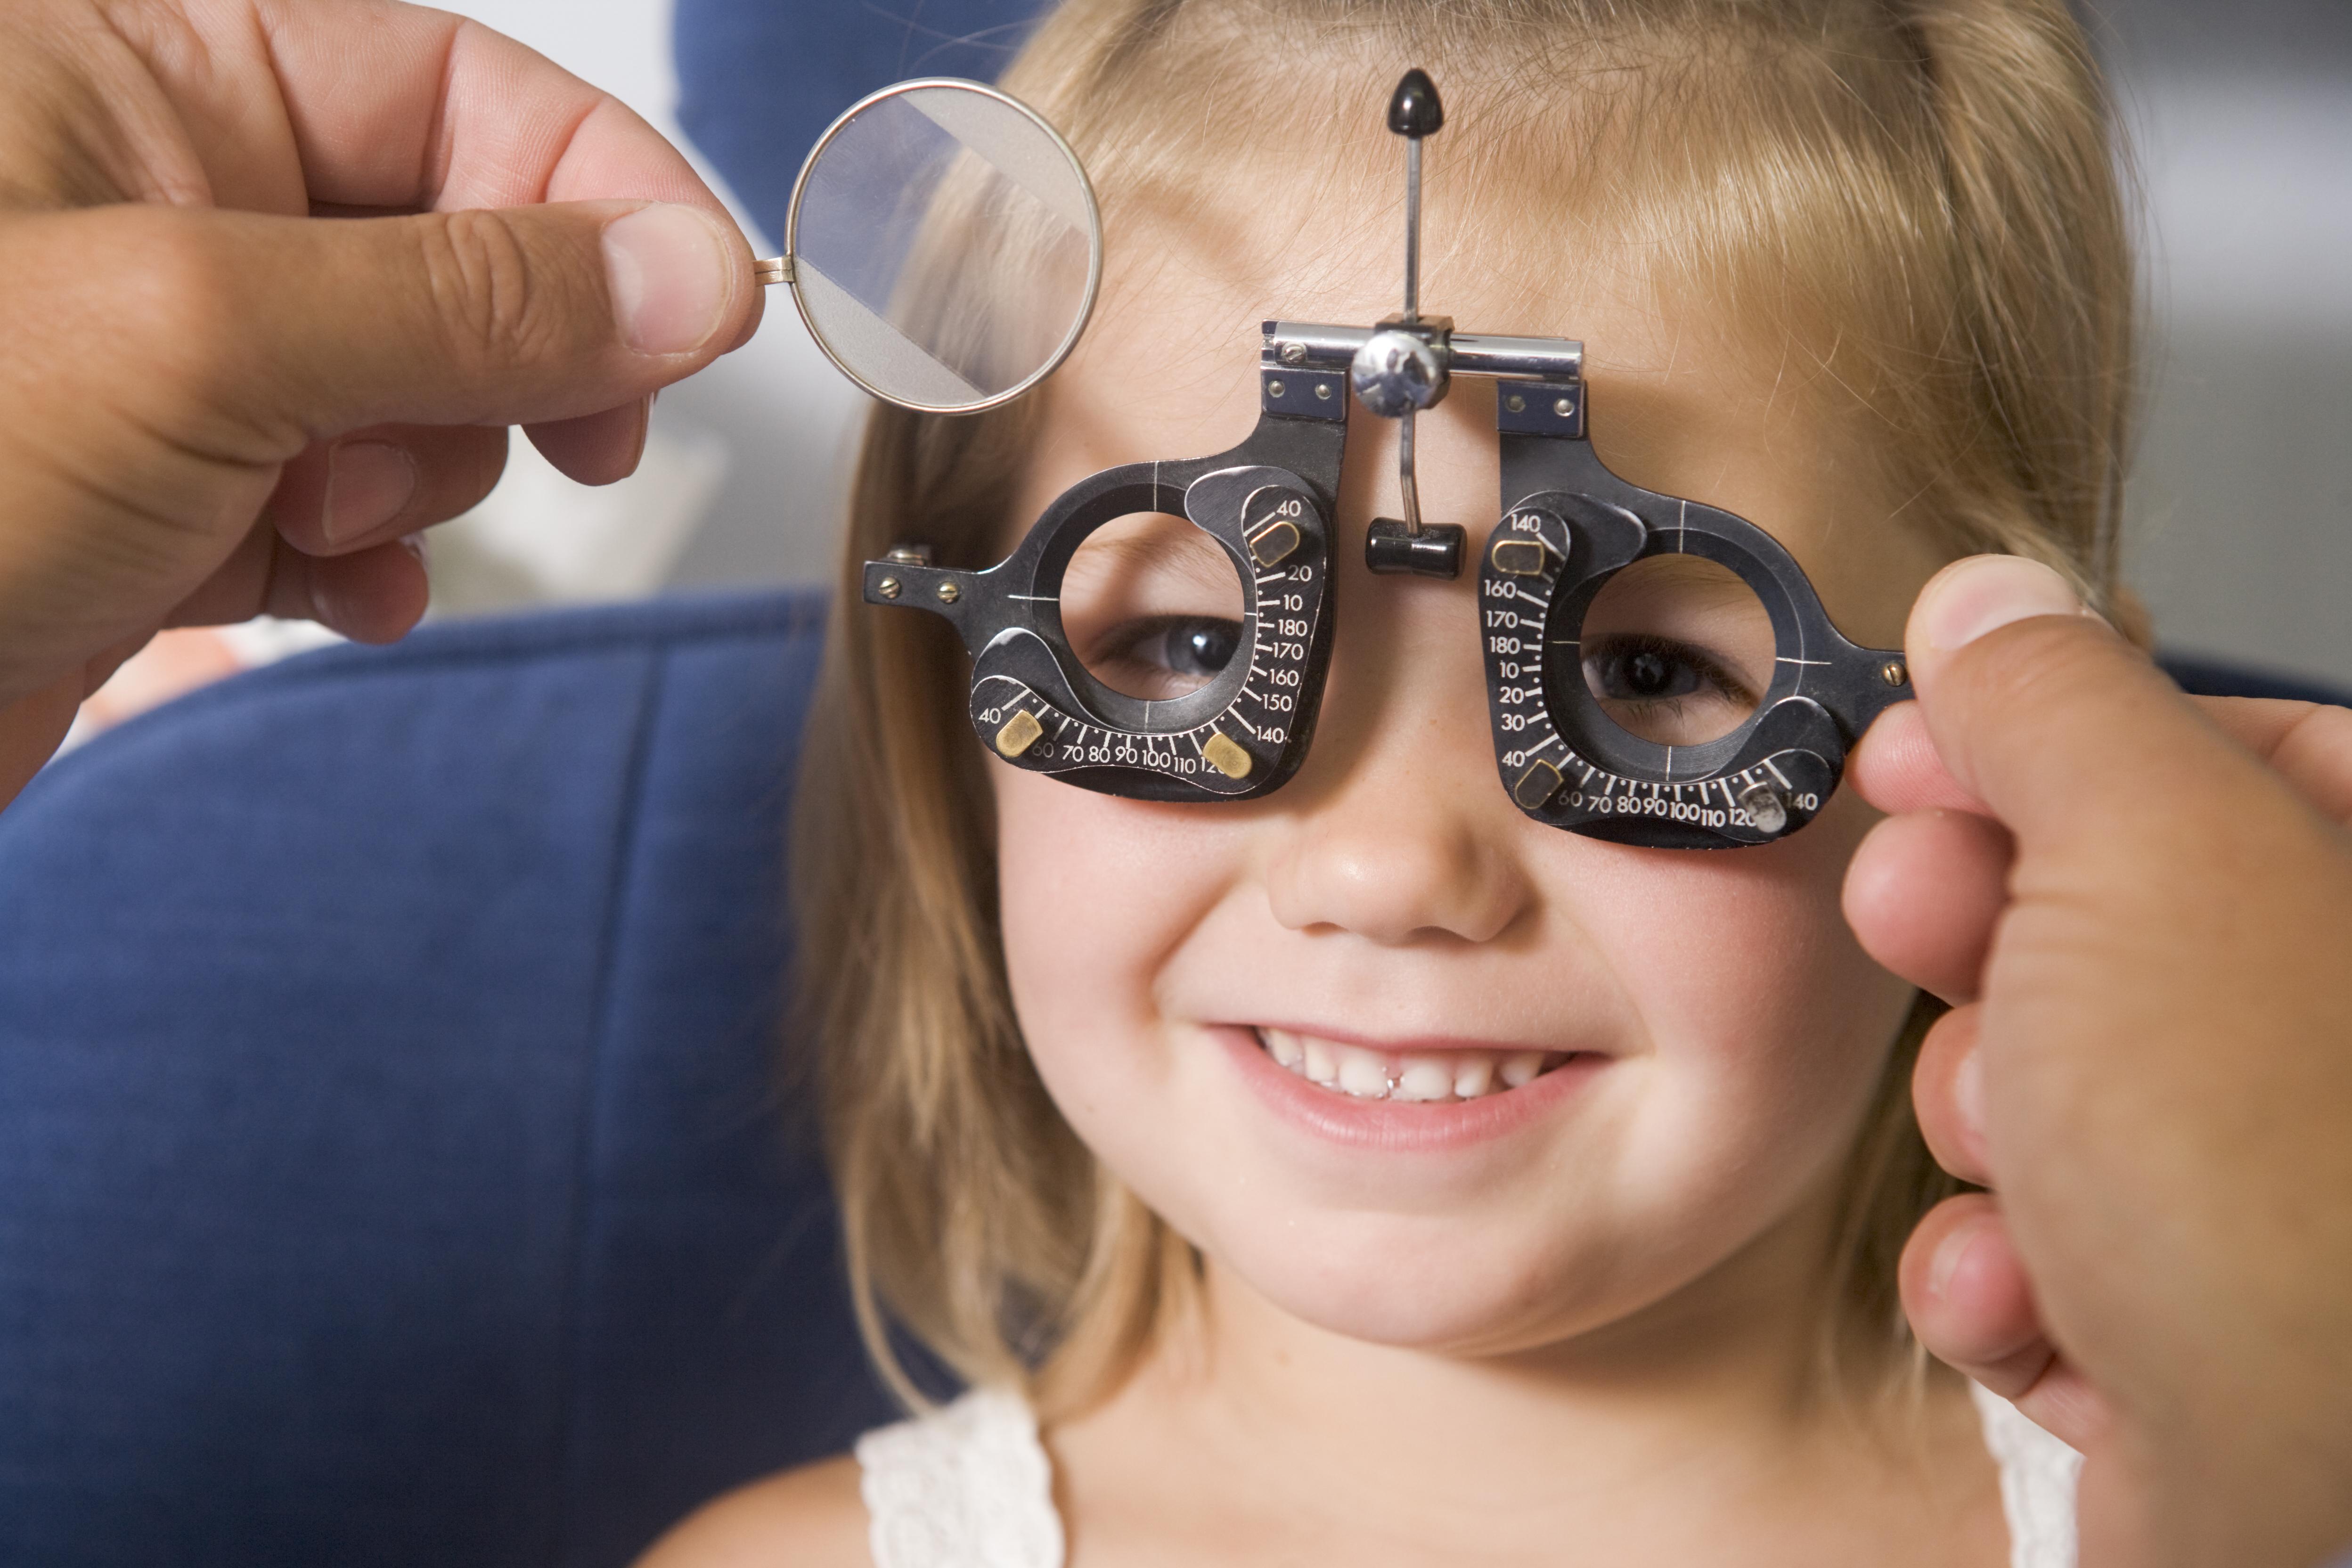 Imagen miopía infantil: sus causas y síntomas